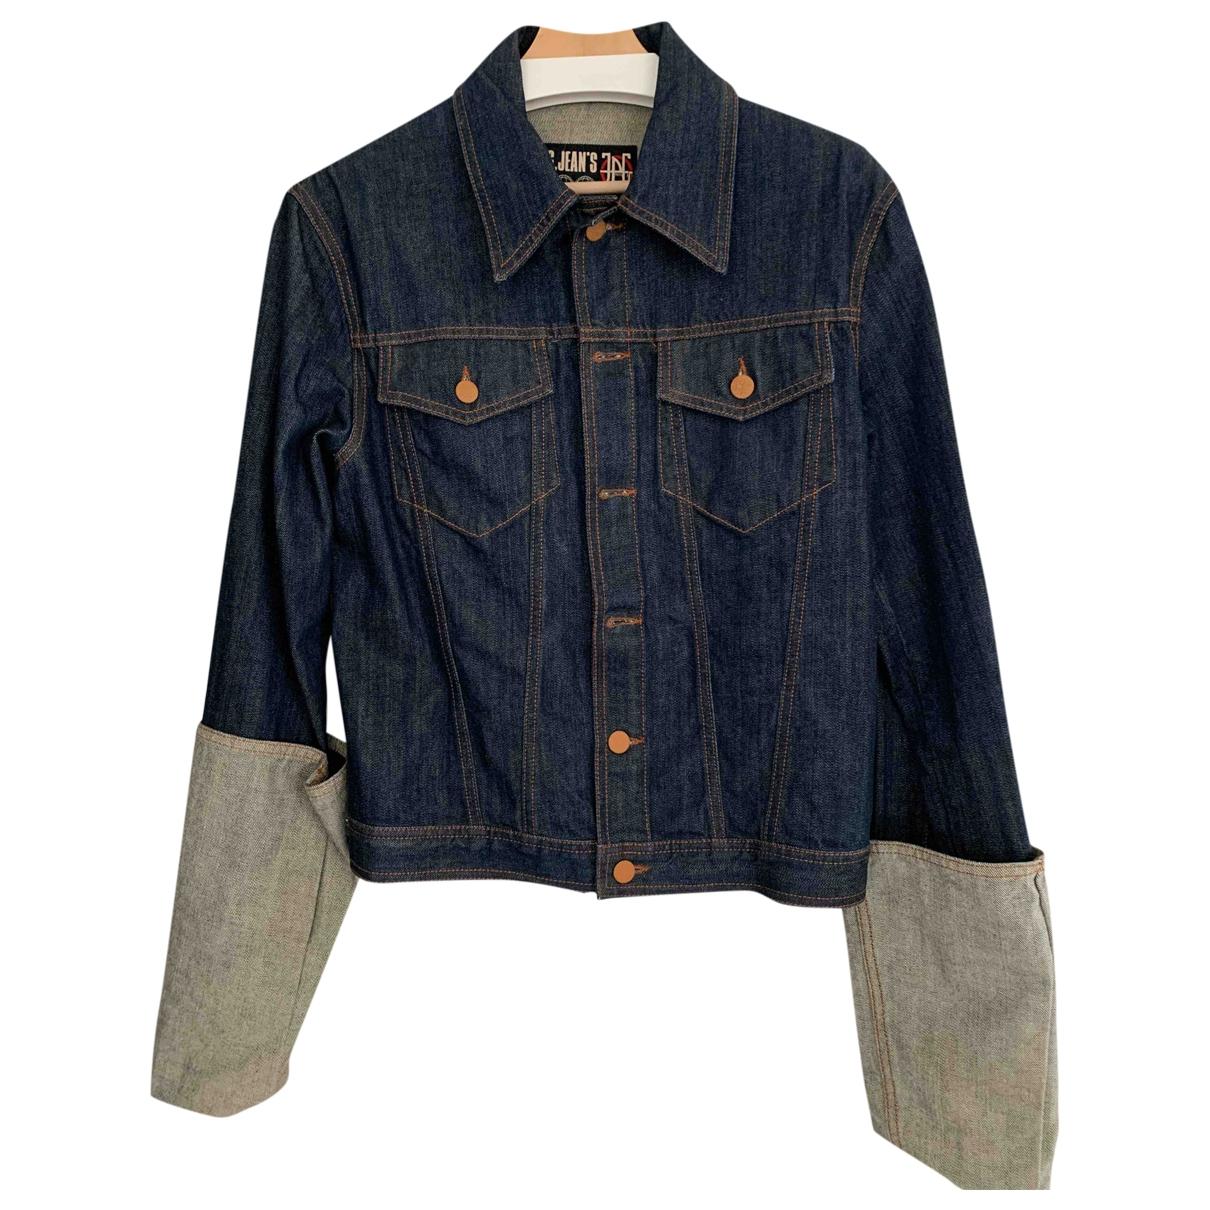 Jean Paul Gaultier \N Navy Denim - Jeans jacket  for Men 46 IT